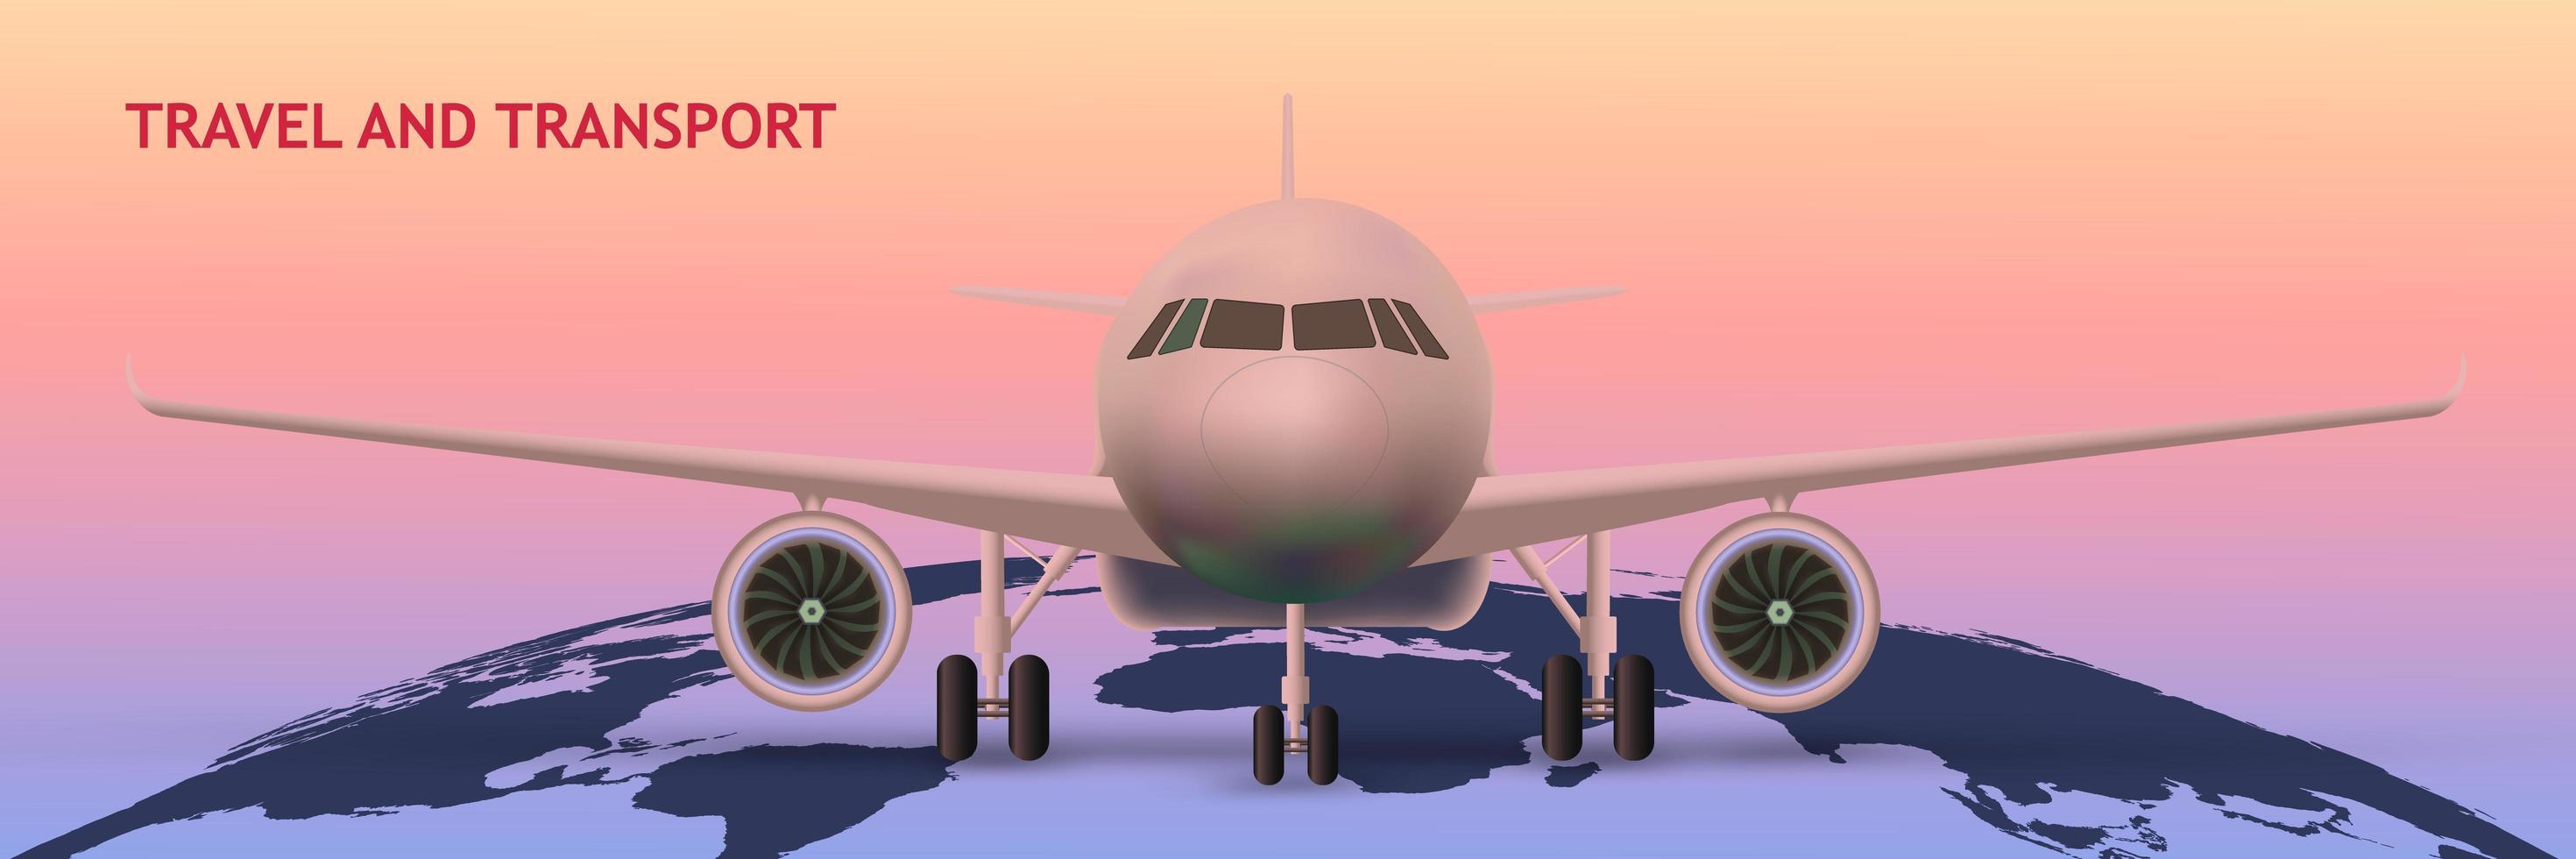 flygplan på världskartan som transportkoncept vektor